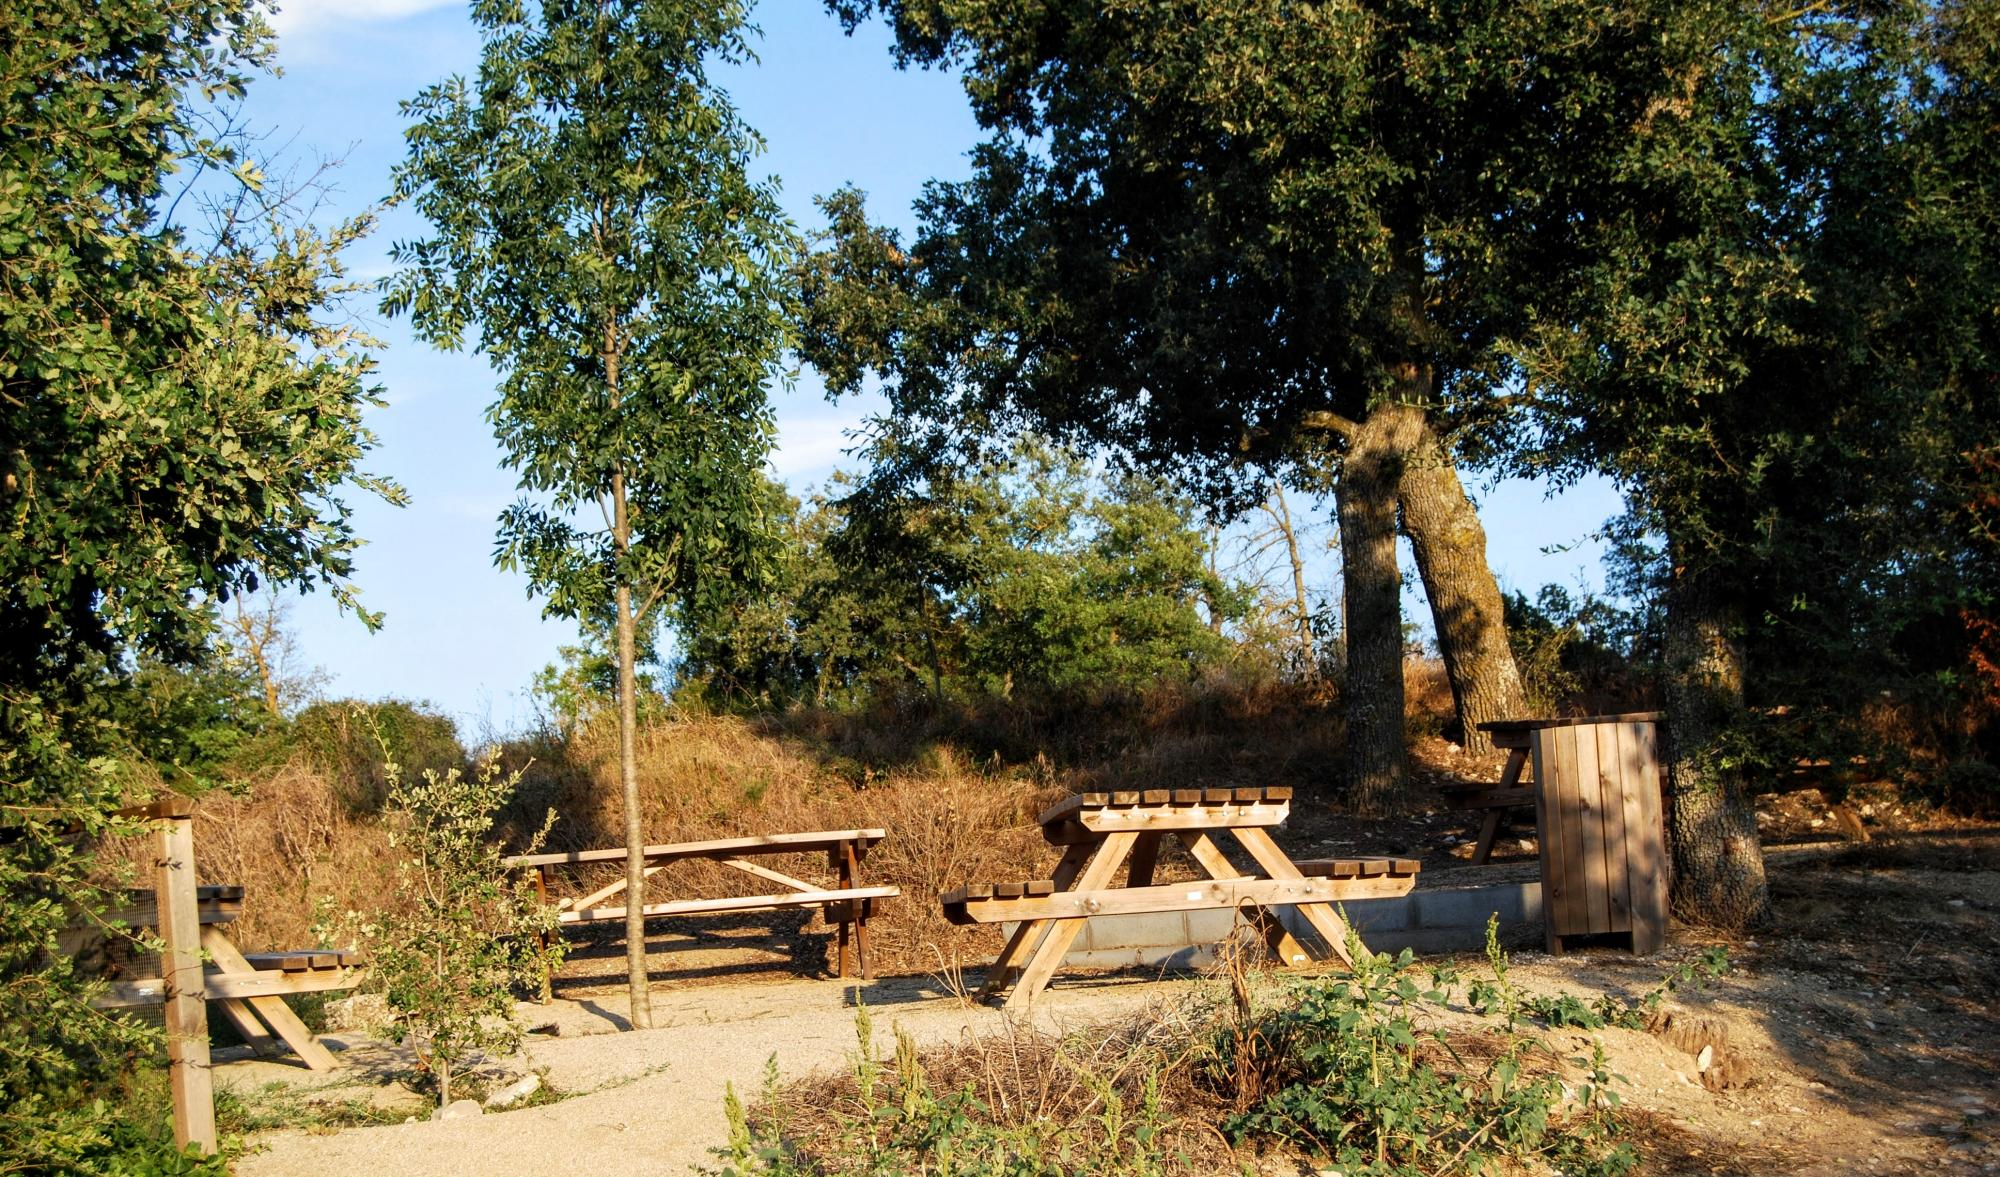 Park of Pou de Madern